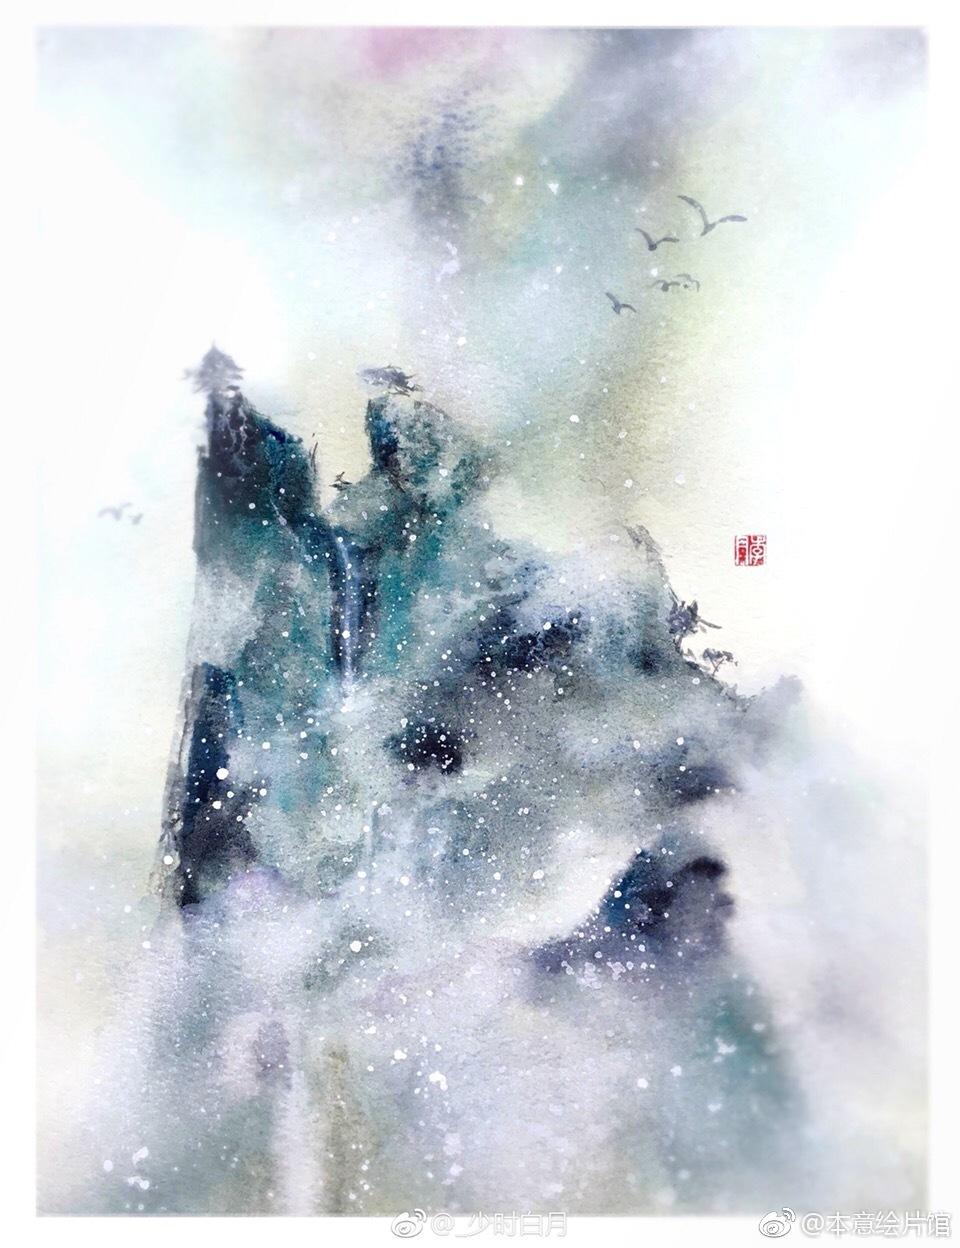 古风淡雅意境美图风景_烟雾缭绕仙气飘飘图片